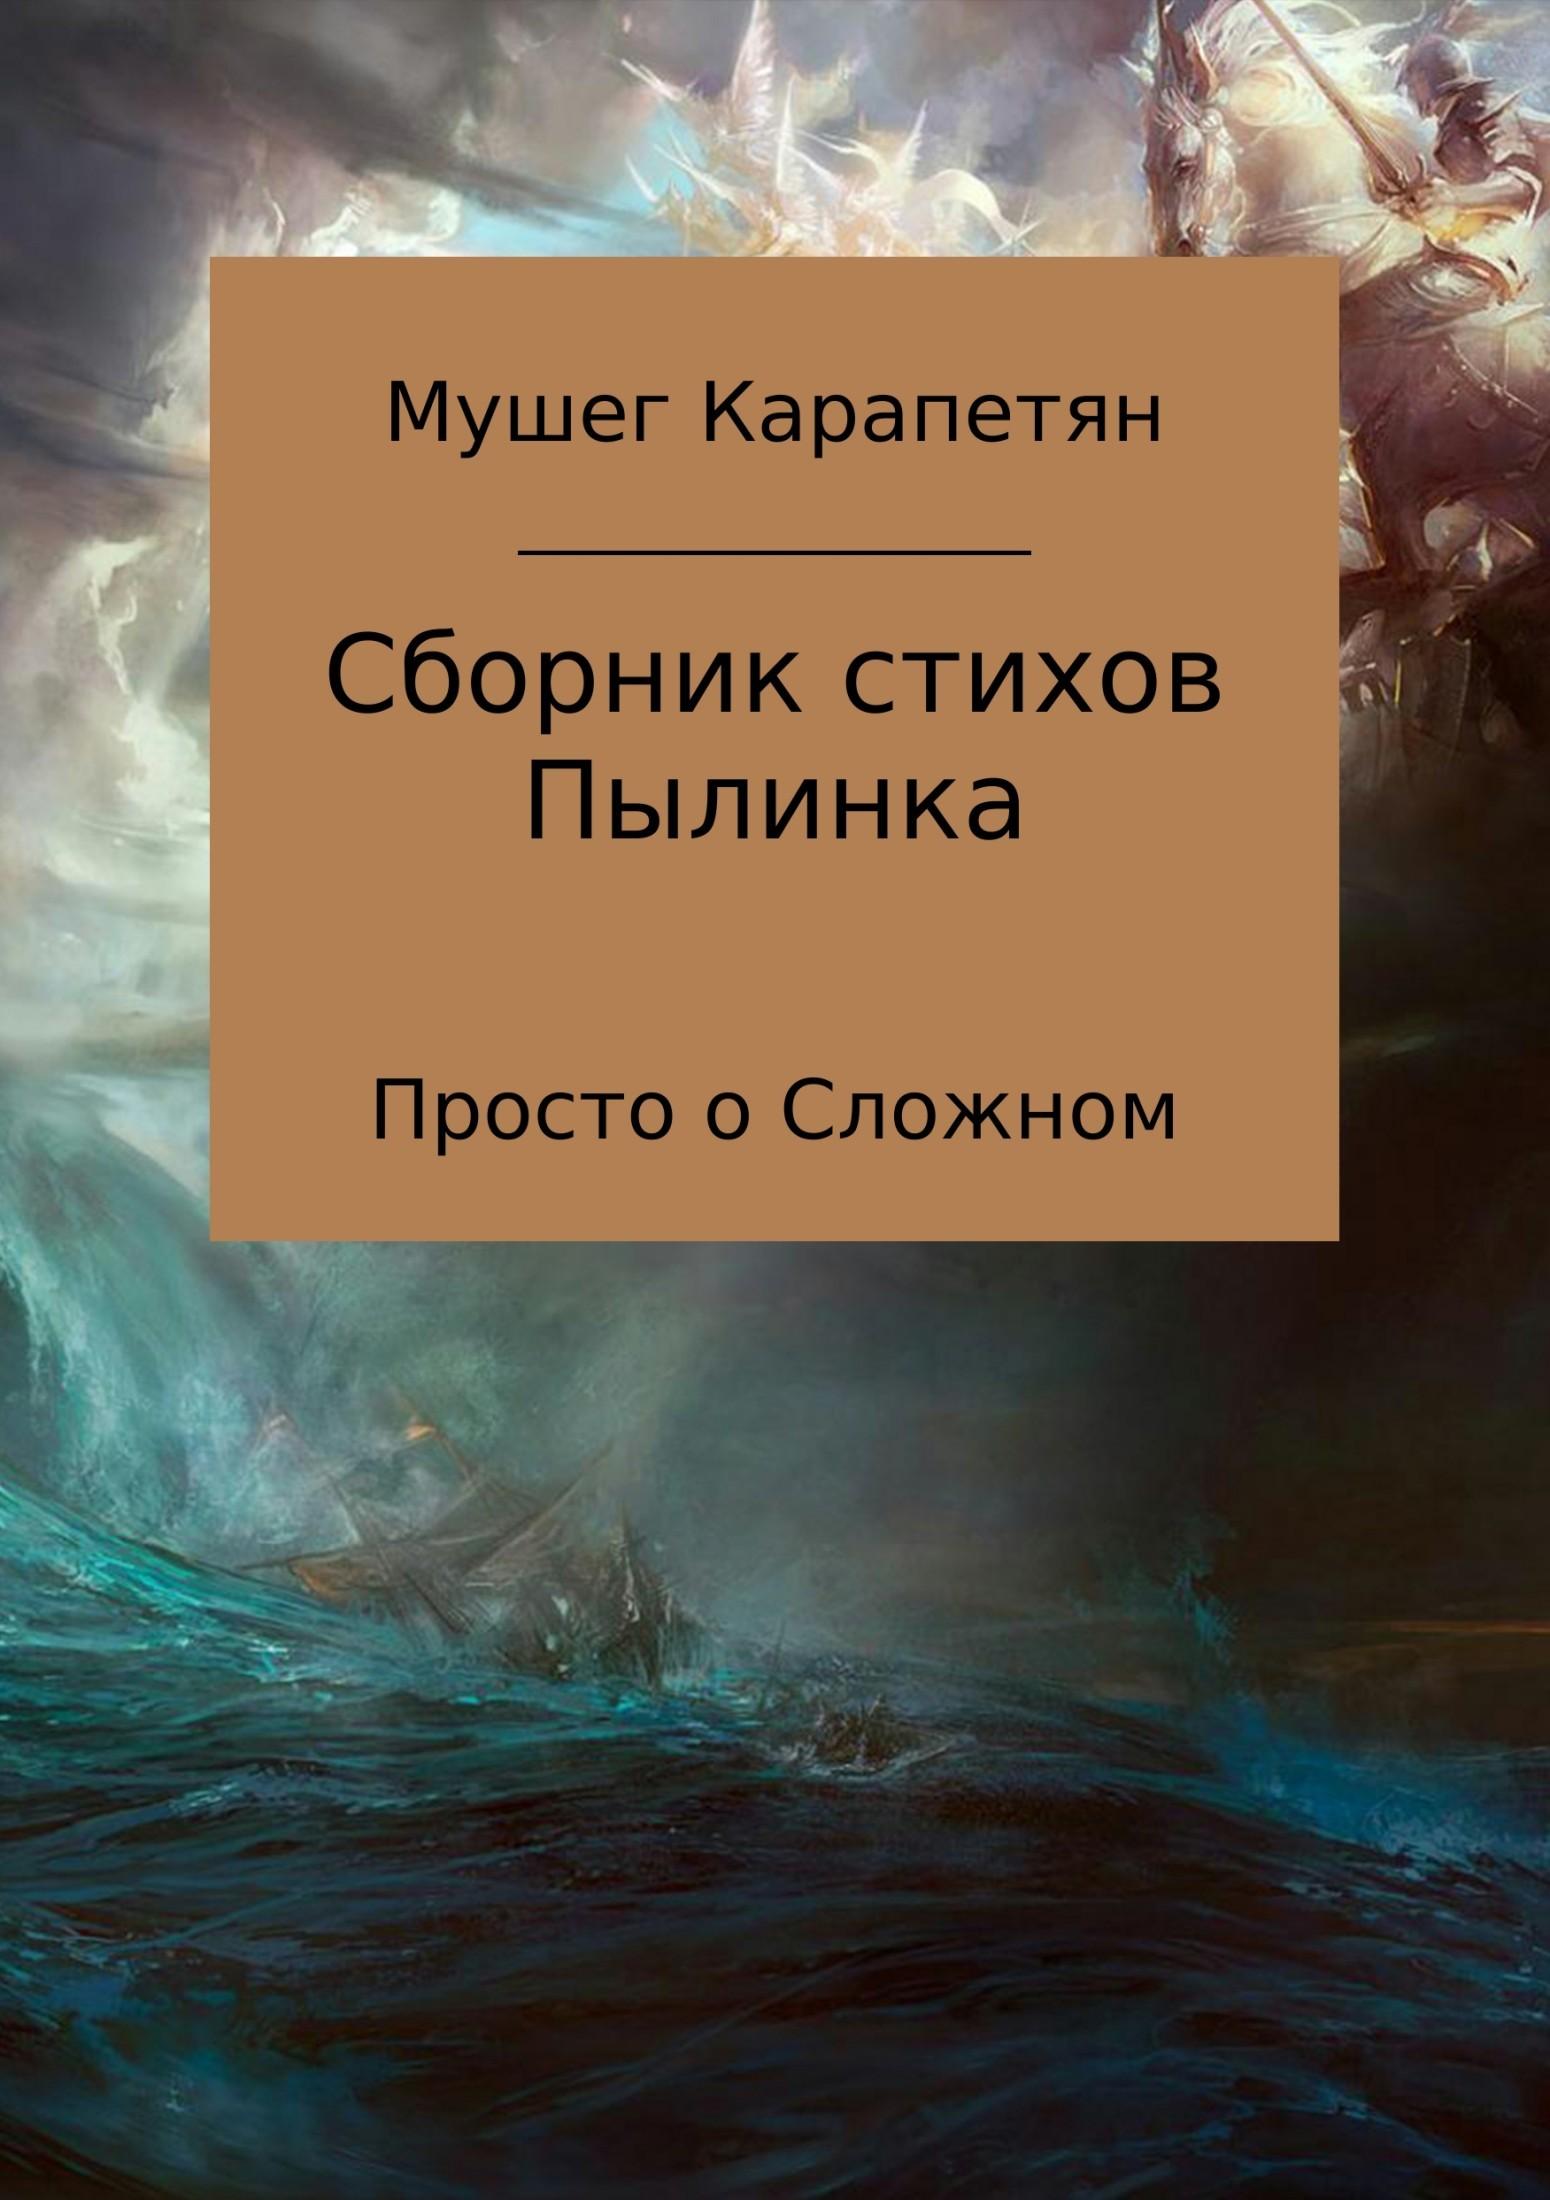 Мушег Гайкович Карапетян бесплатно